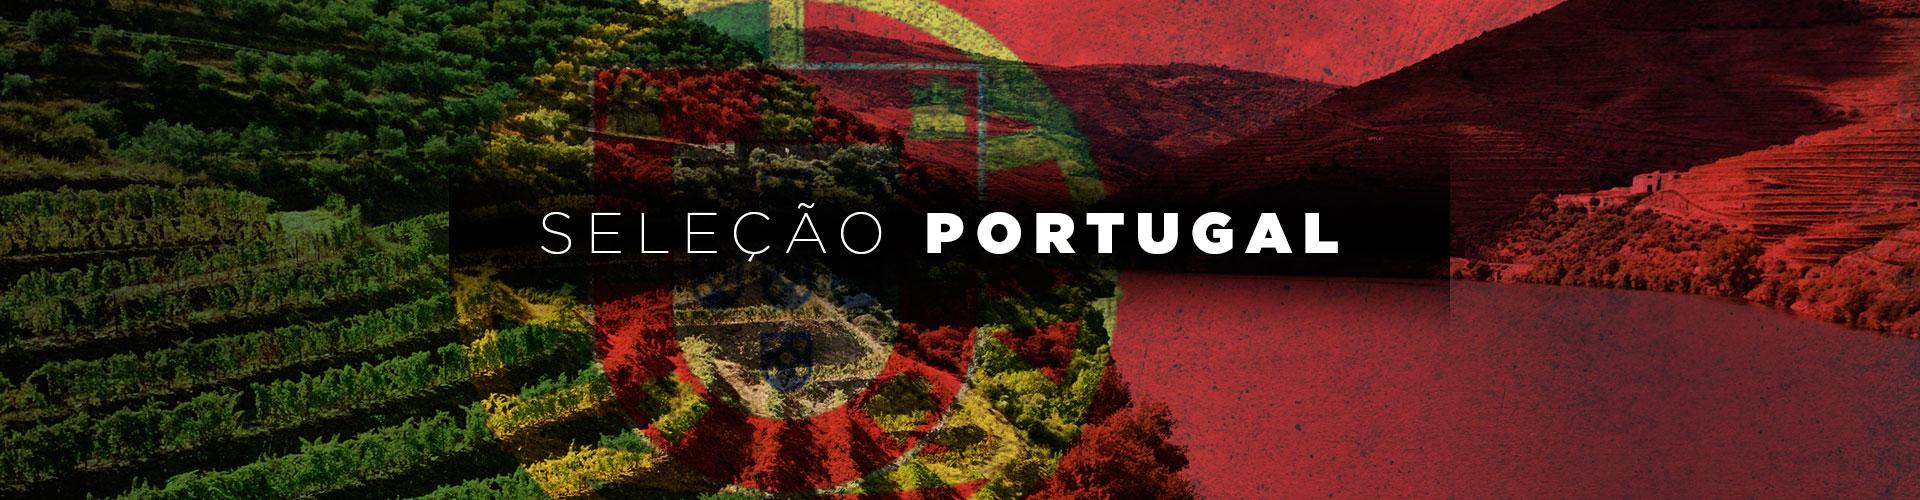 Seleção Rótulos Portugal